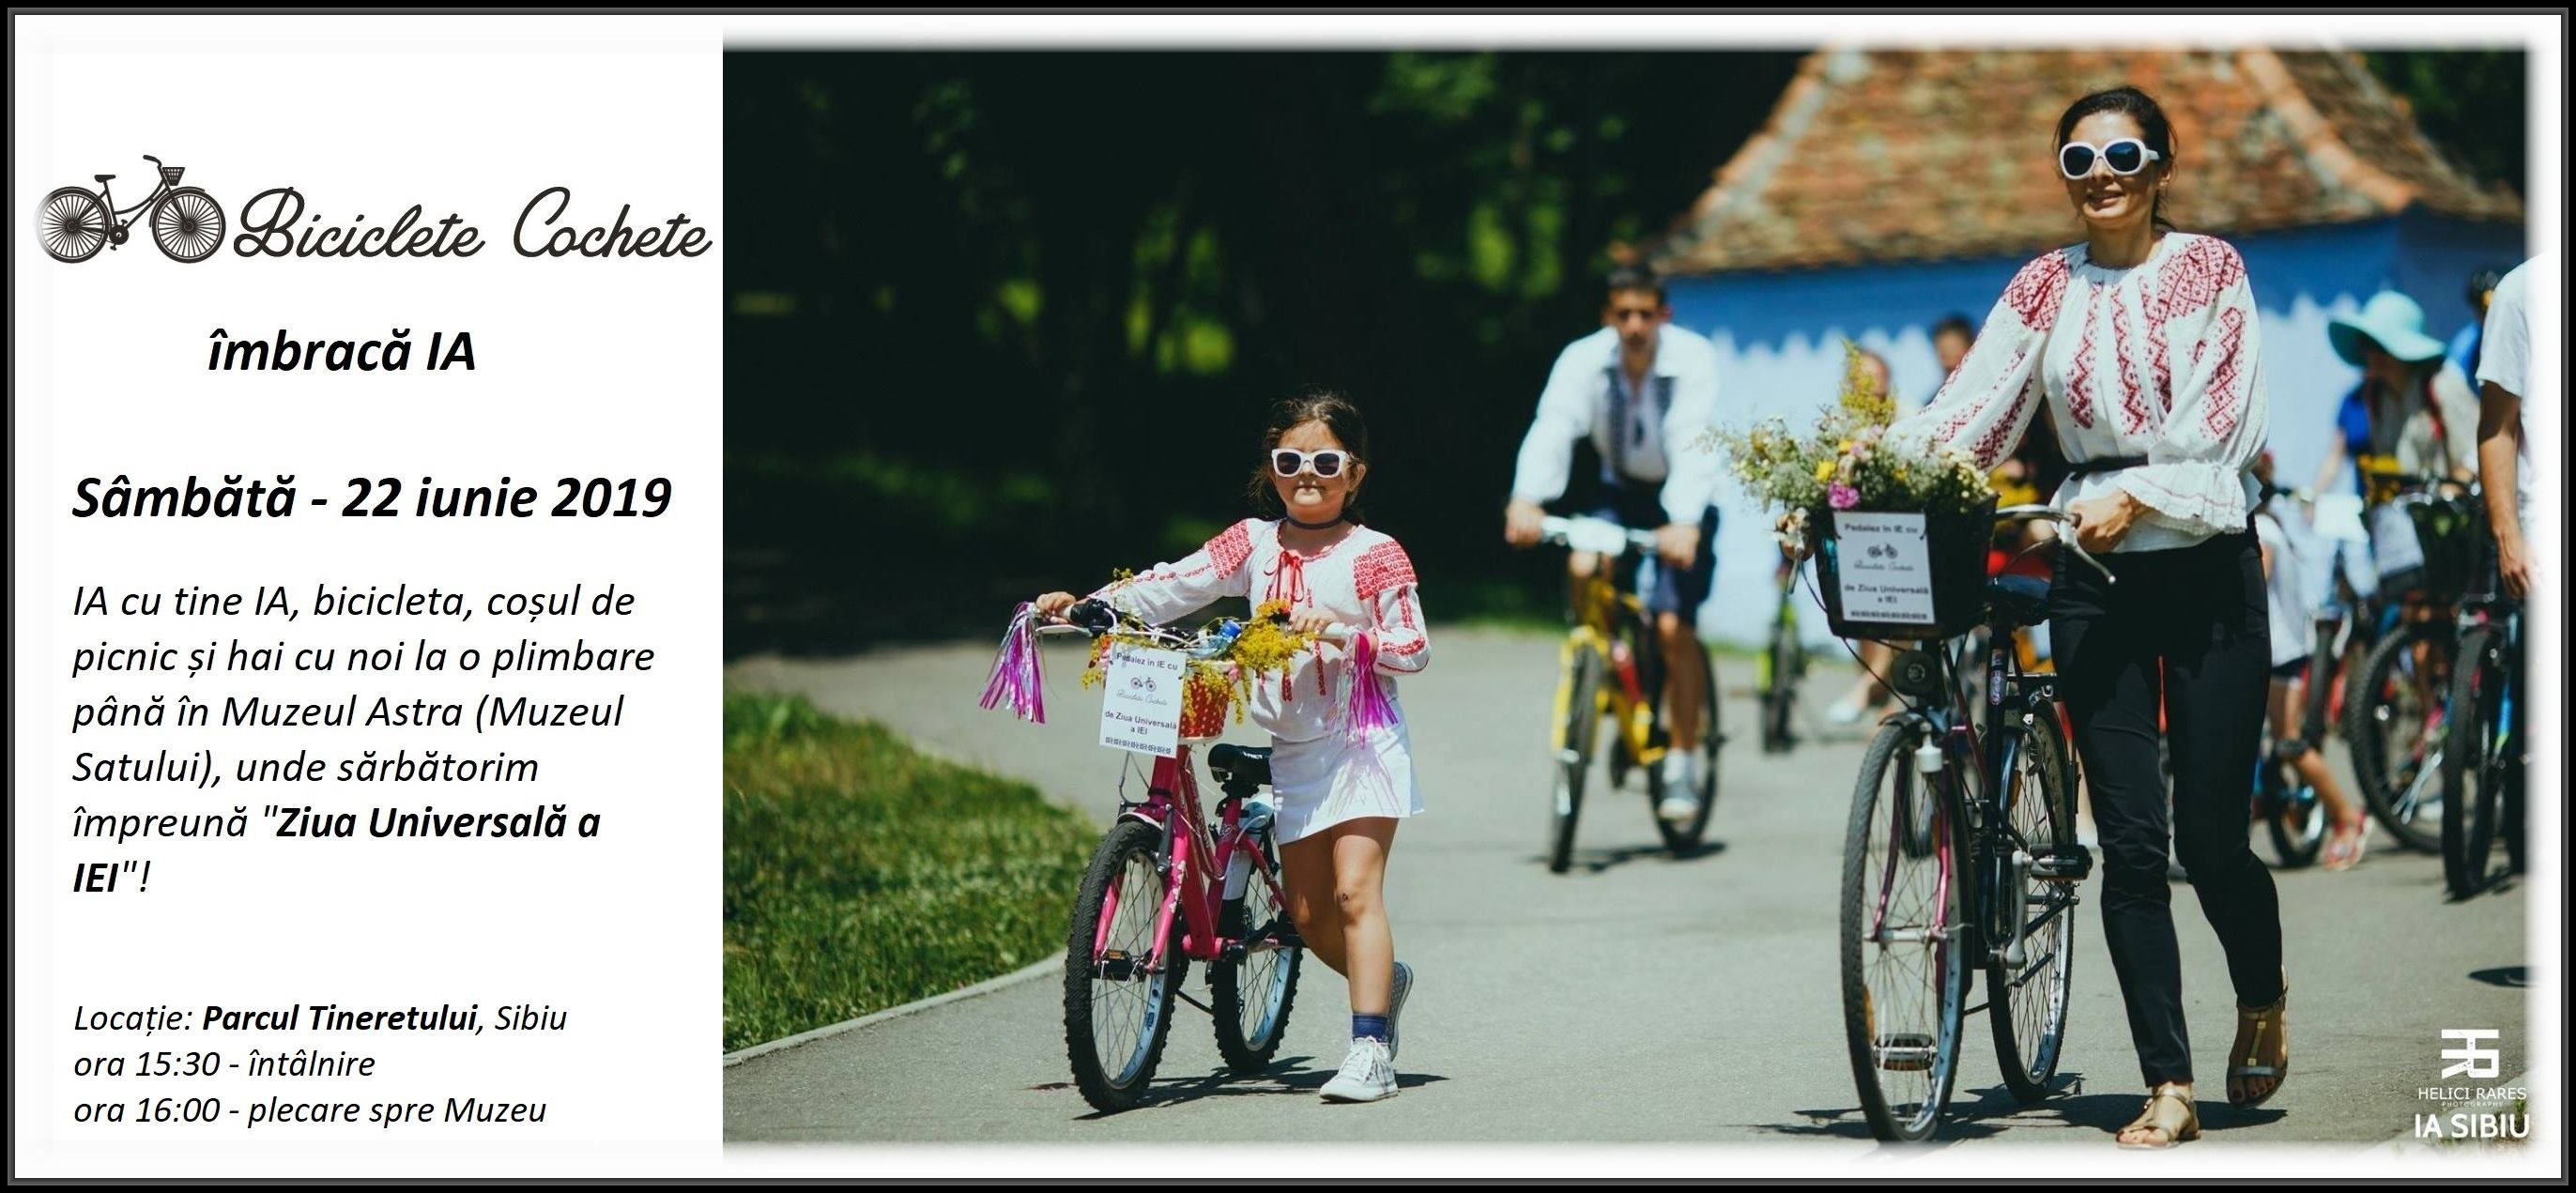 Biciclete Cochete pedaleaza in IE la Ziua IEI Sibiu